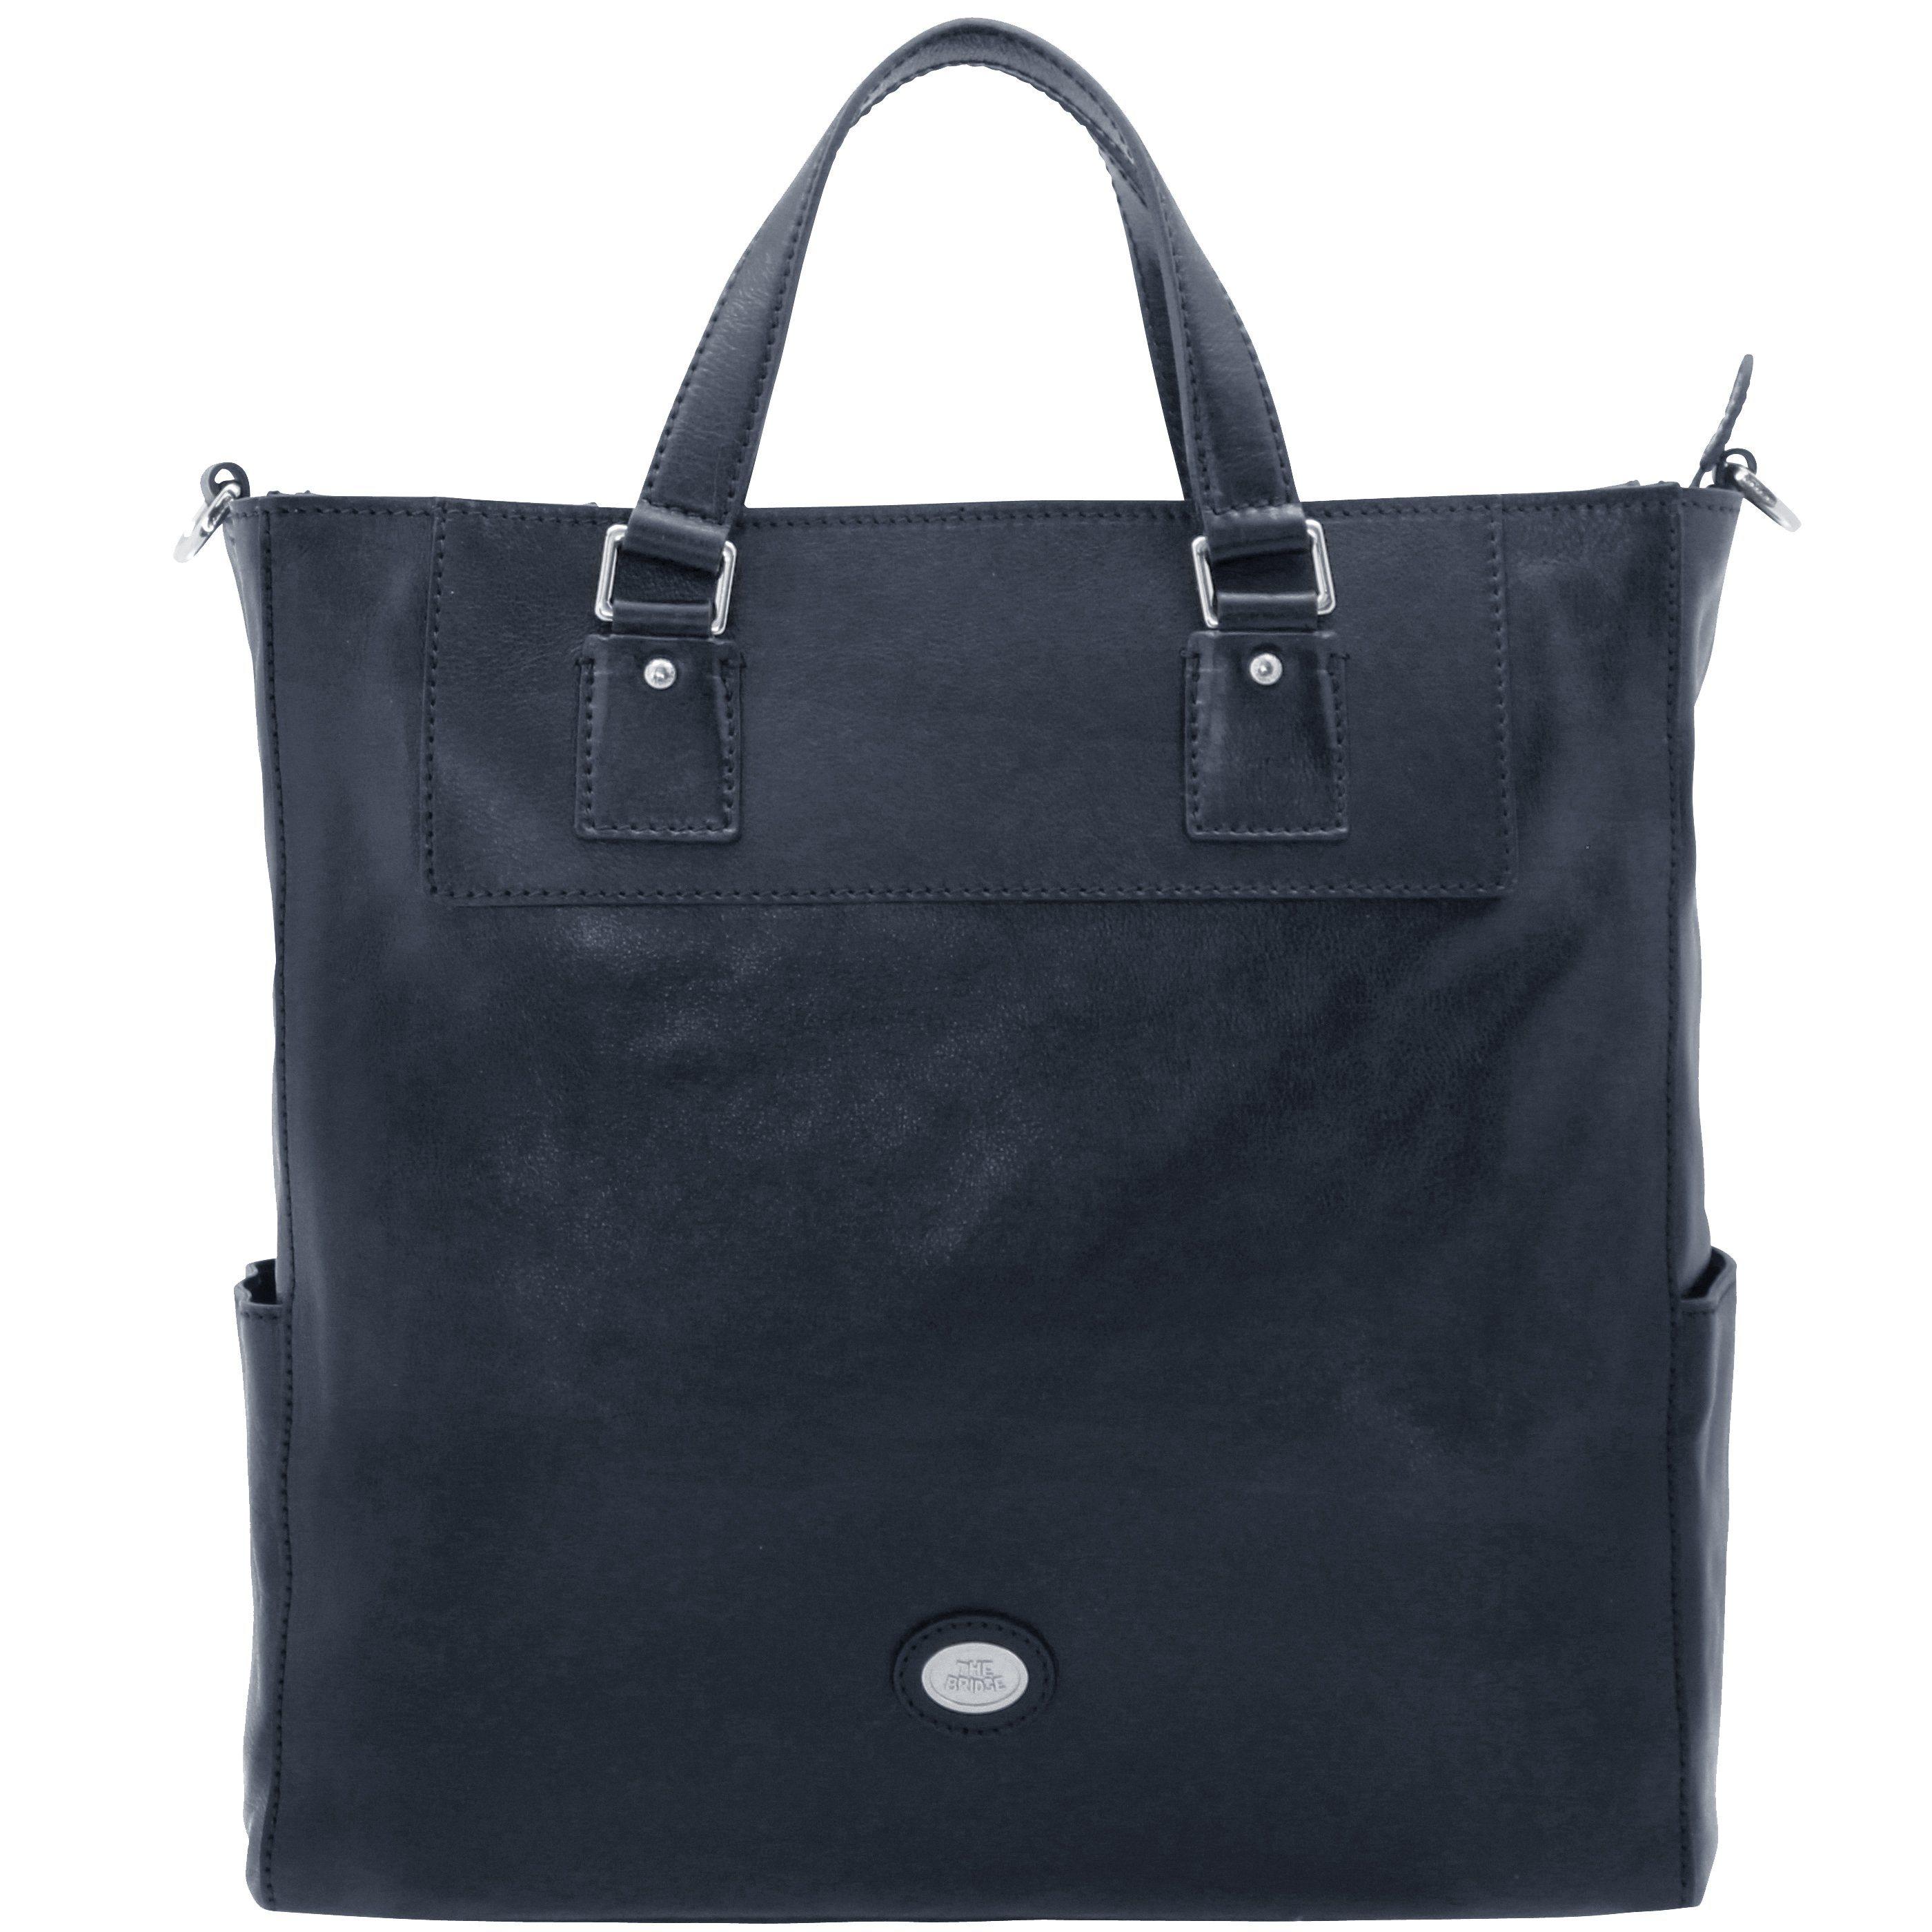 c511c3d0b7b54 Handtaschen +Leder Preisvergleich • Die besten Angebote online kaufen